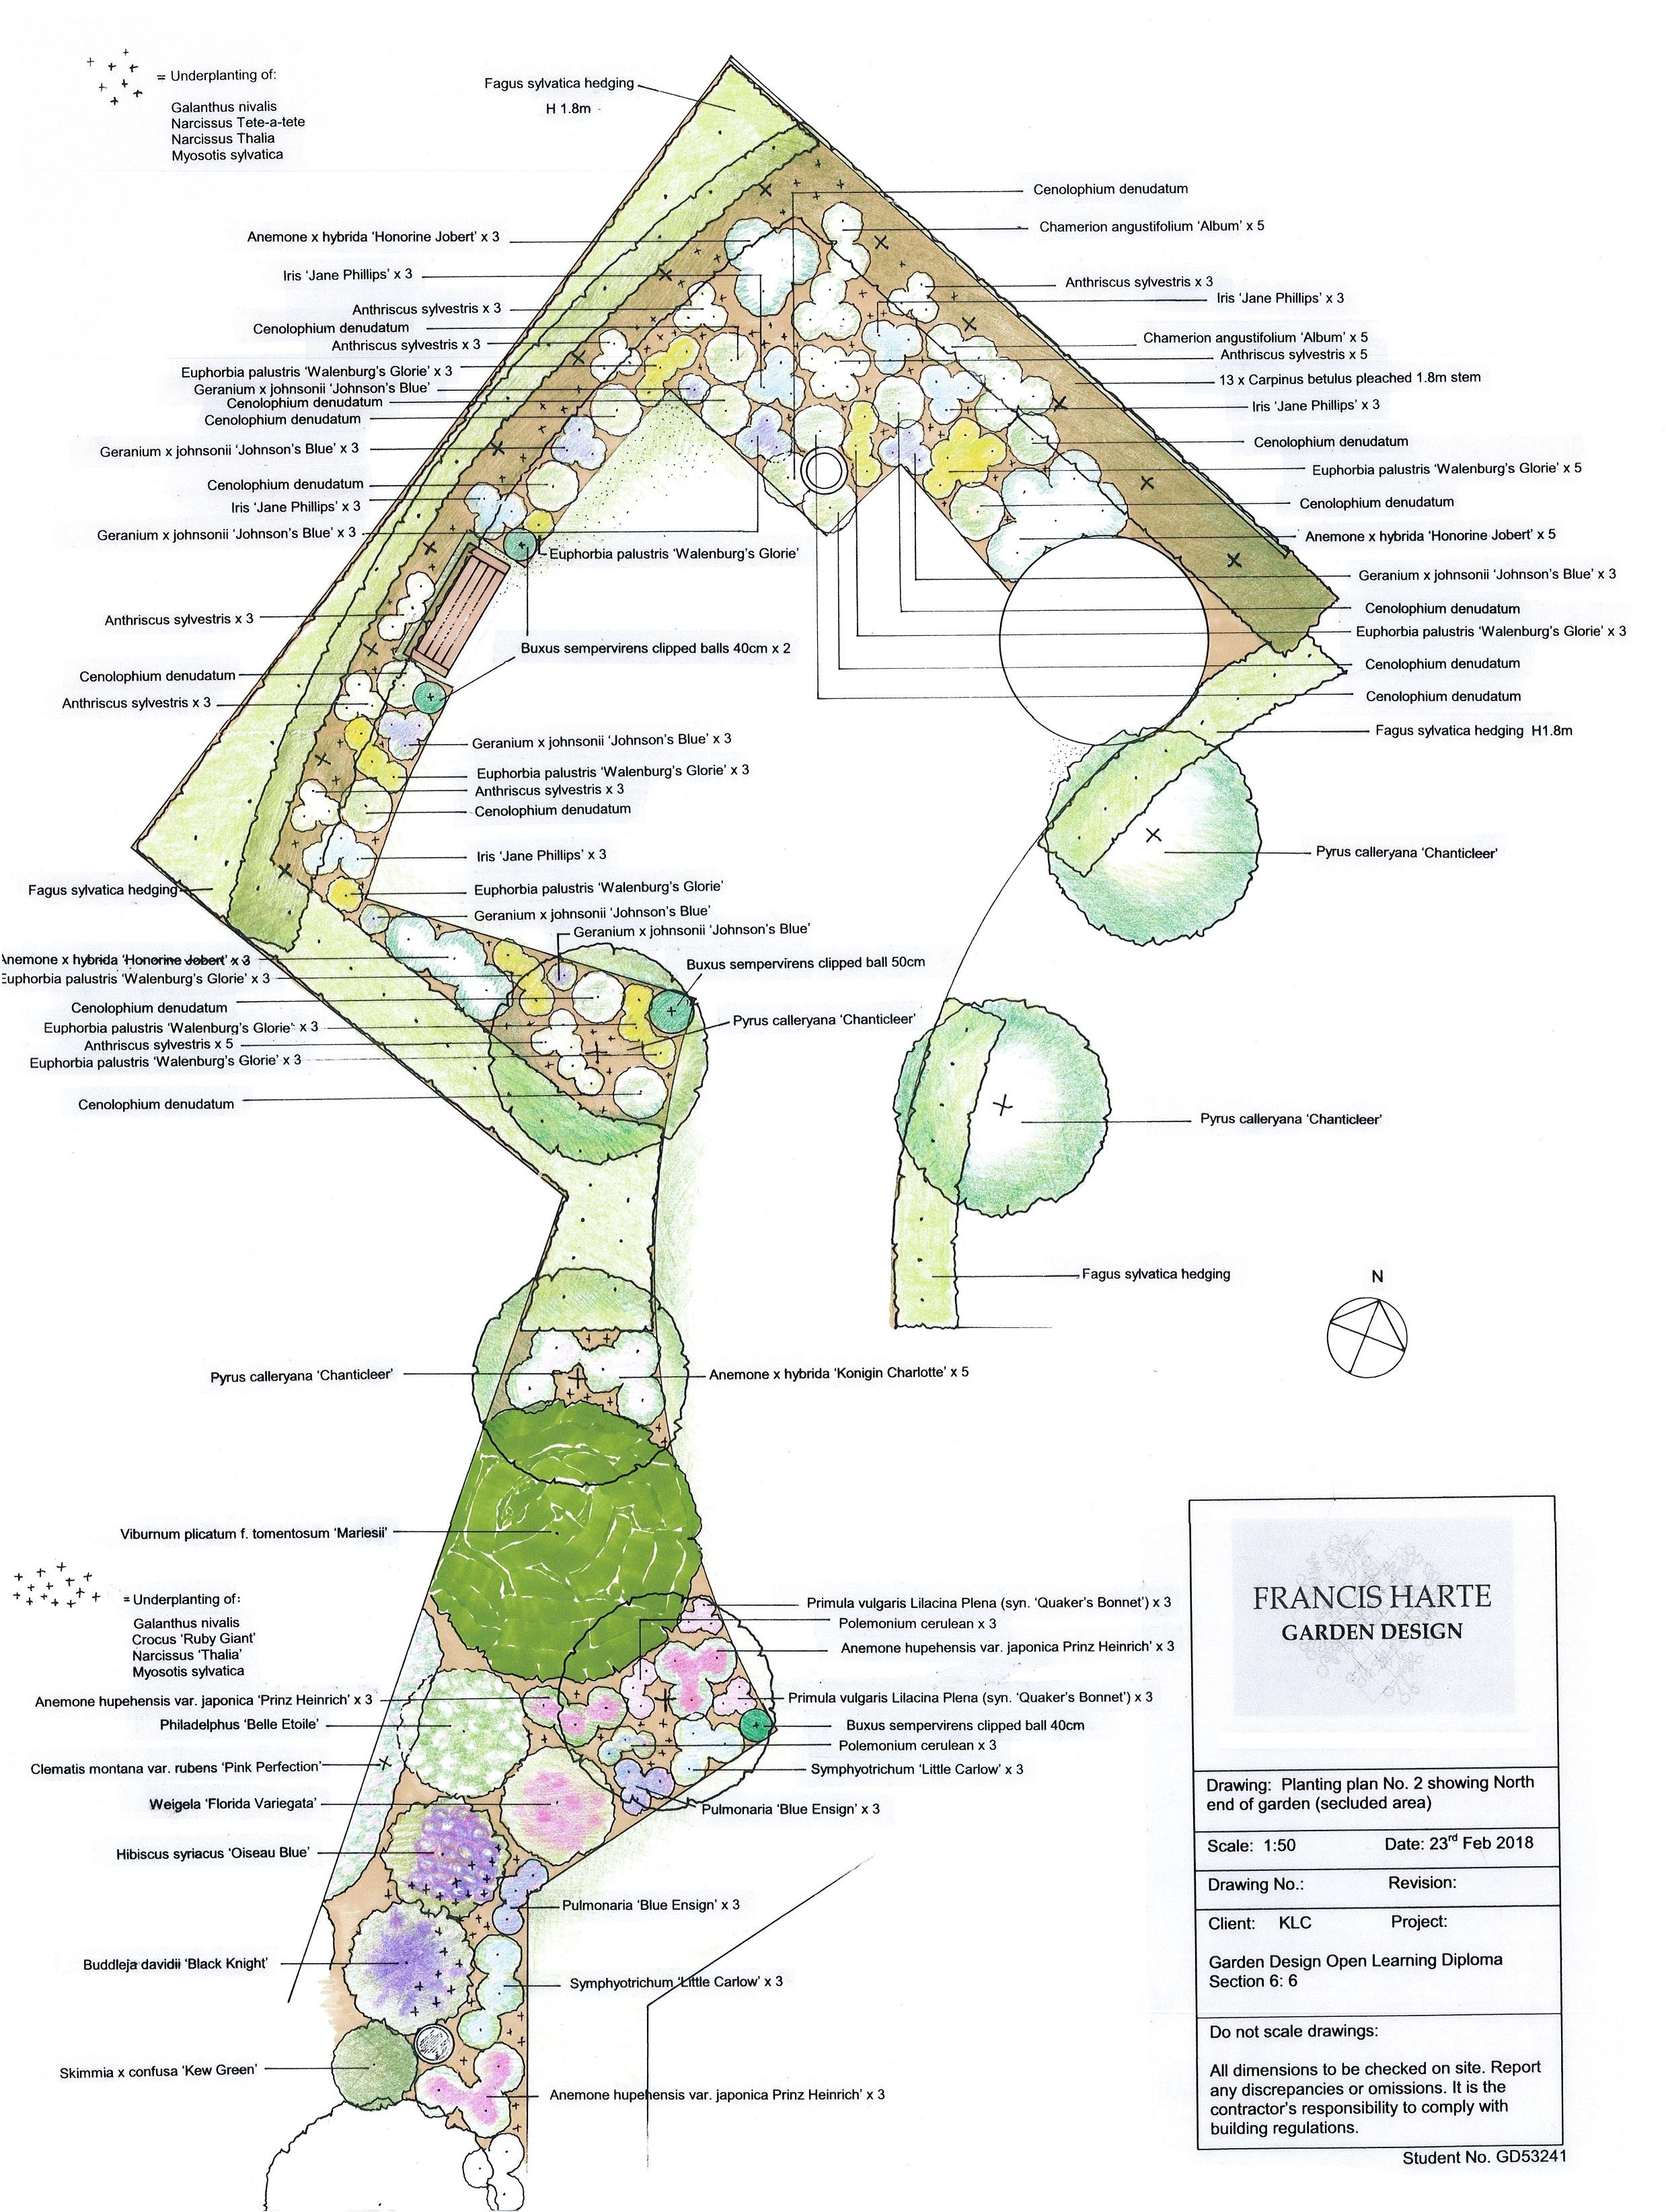 Planting Plan 2